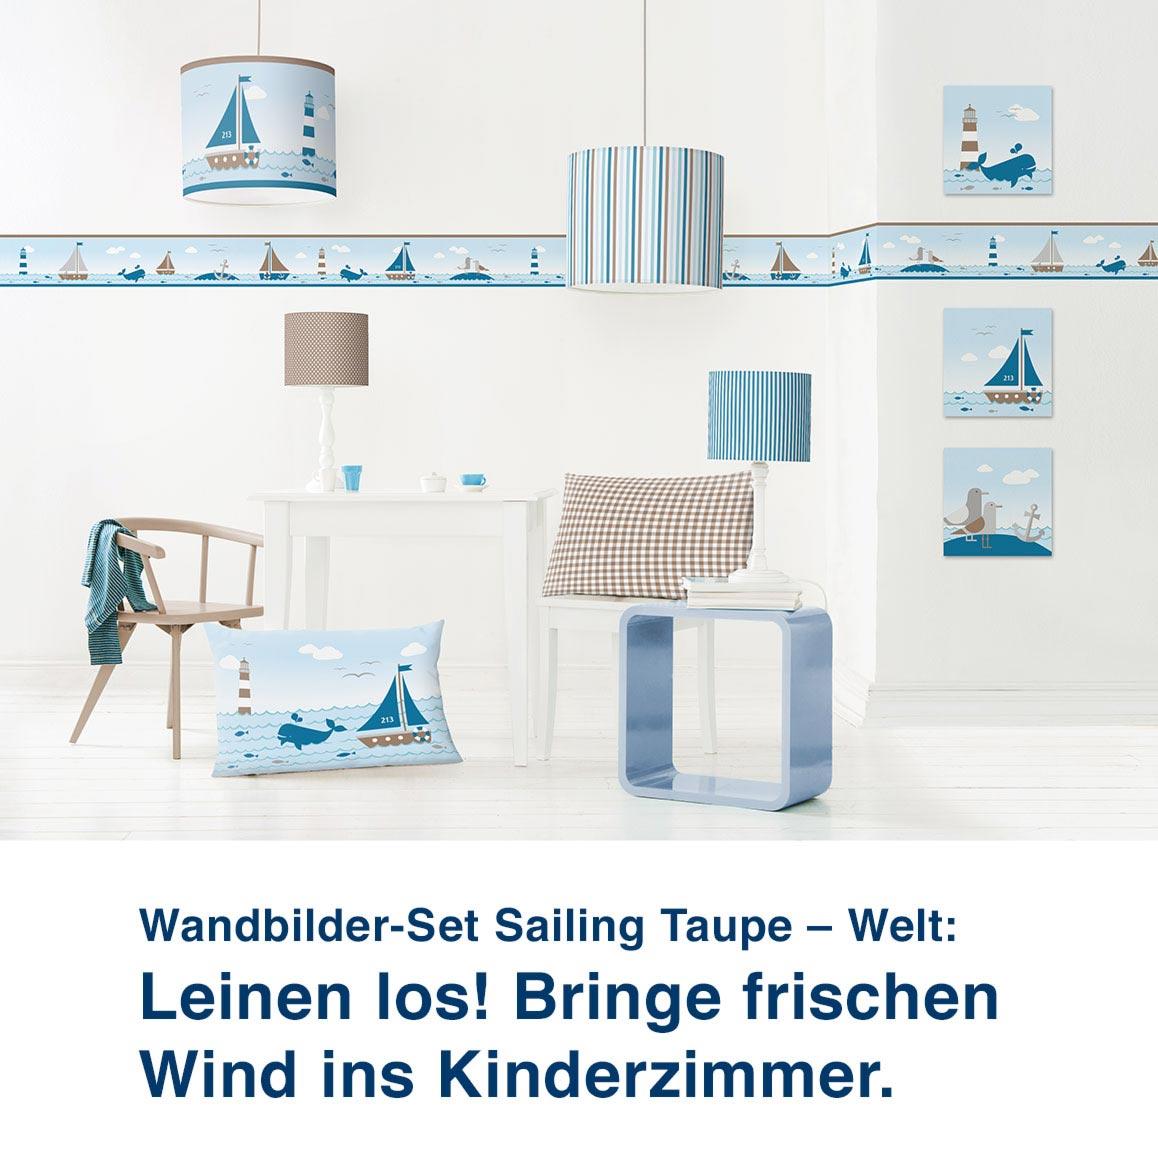 Wandbilder-Set Sailing Taupe – Welt:  Leinen los! Bringe frischen  Wind ins Kinderzimmer.